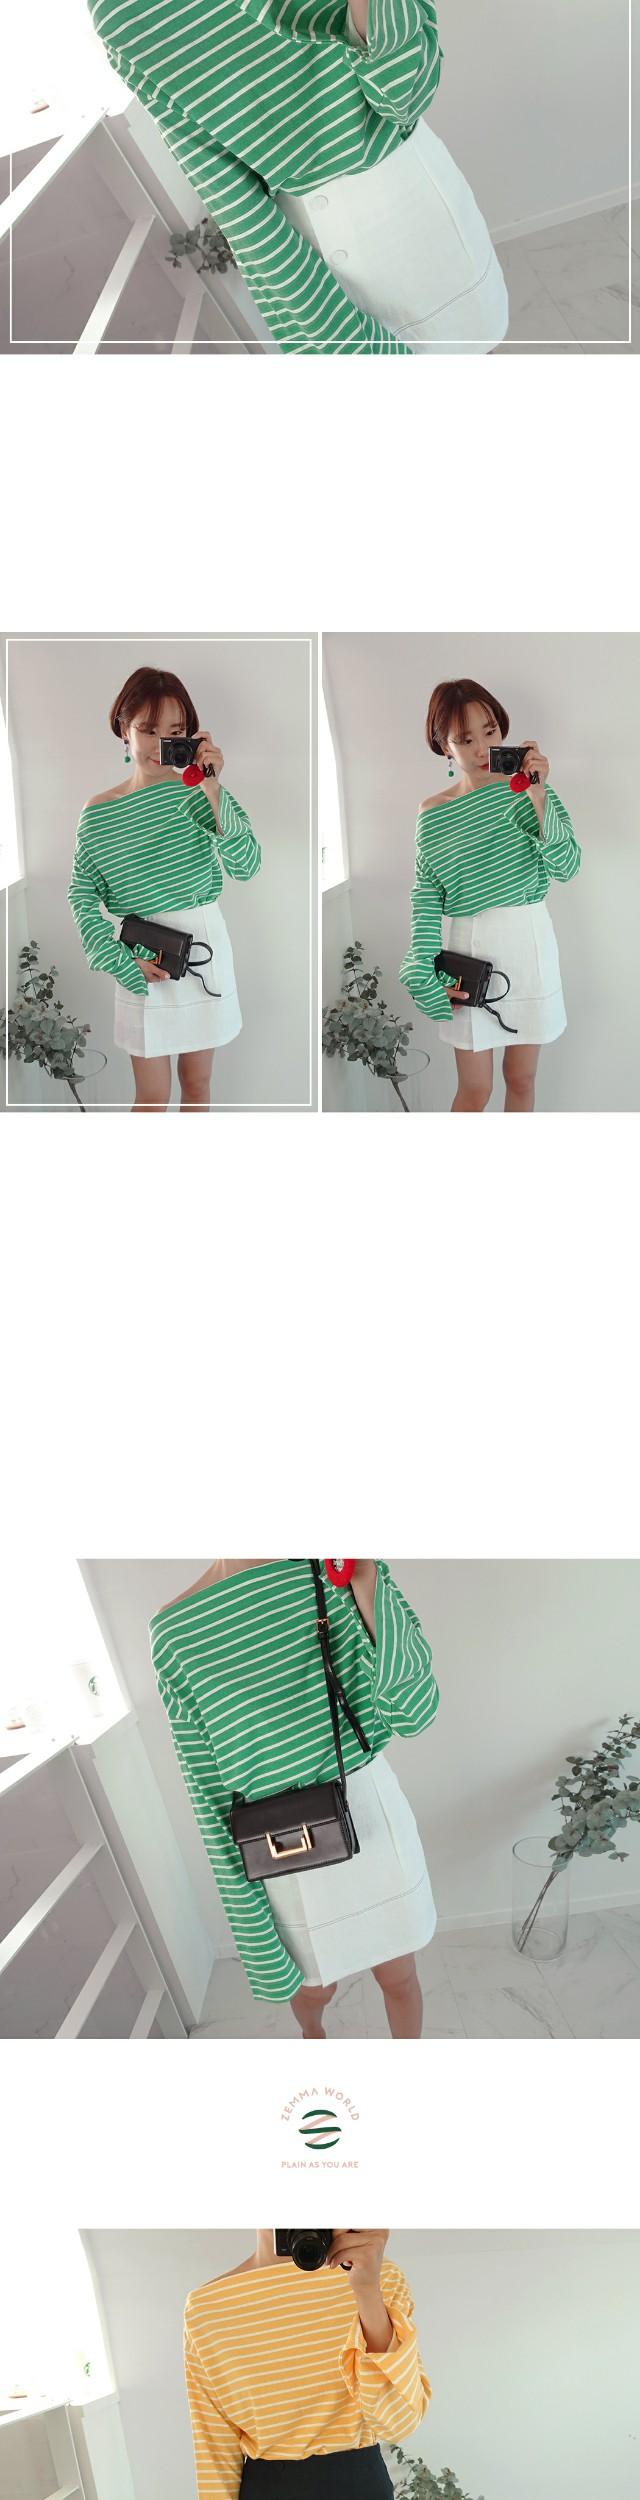 Stitch-linen skirt